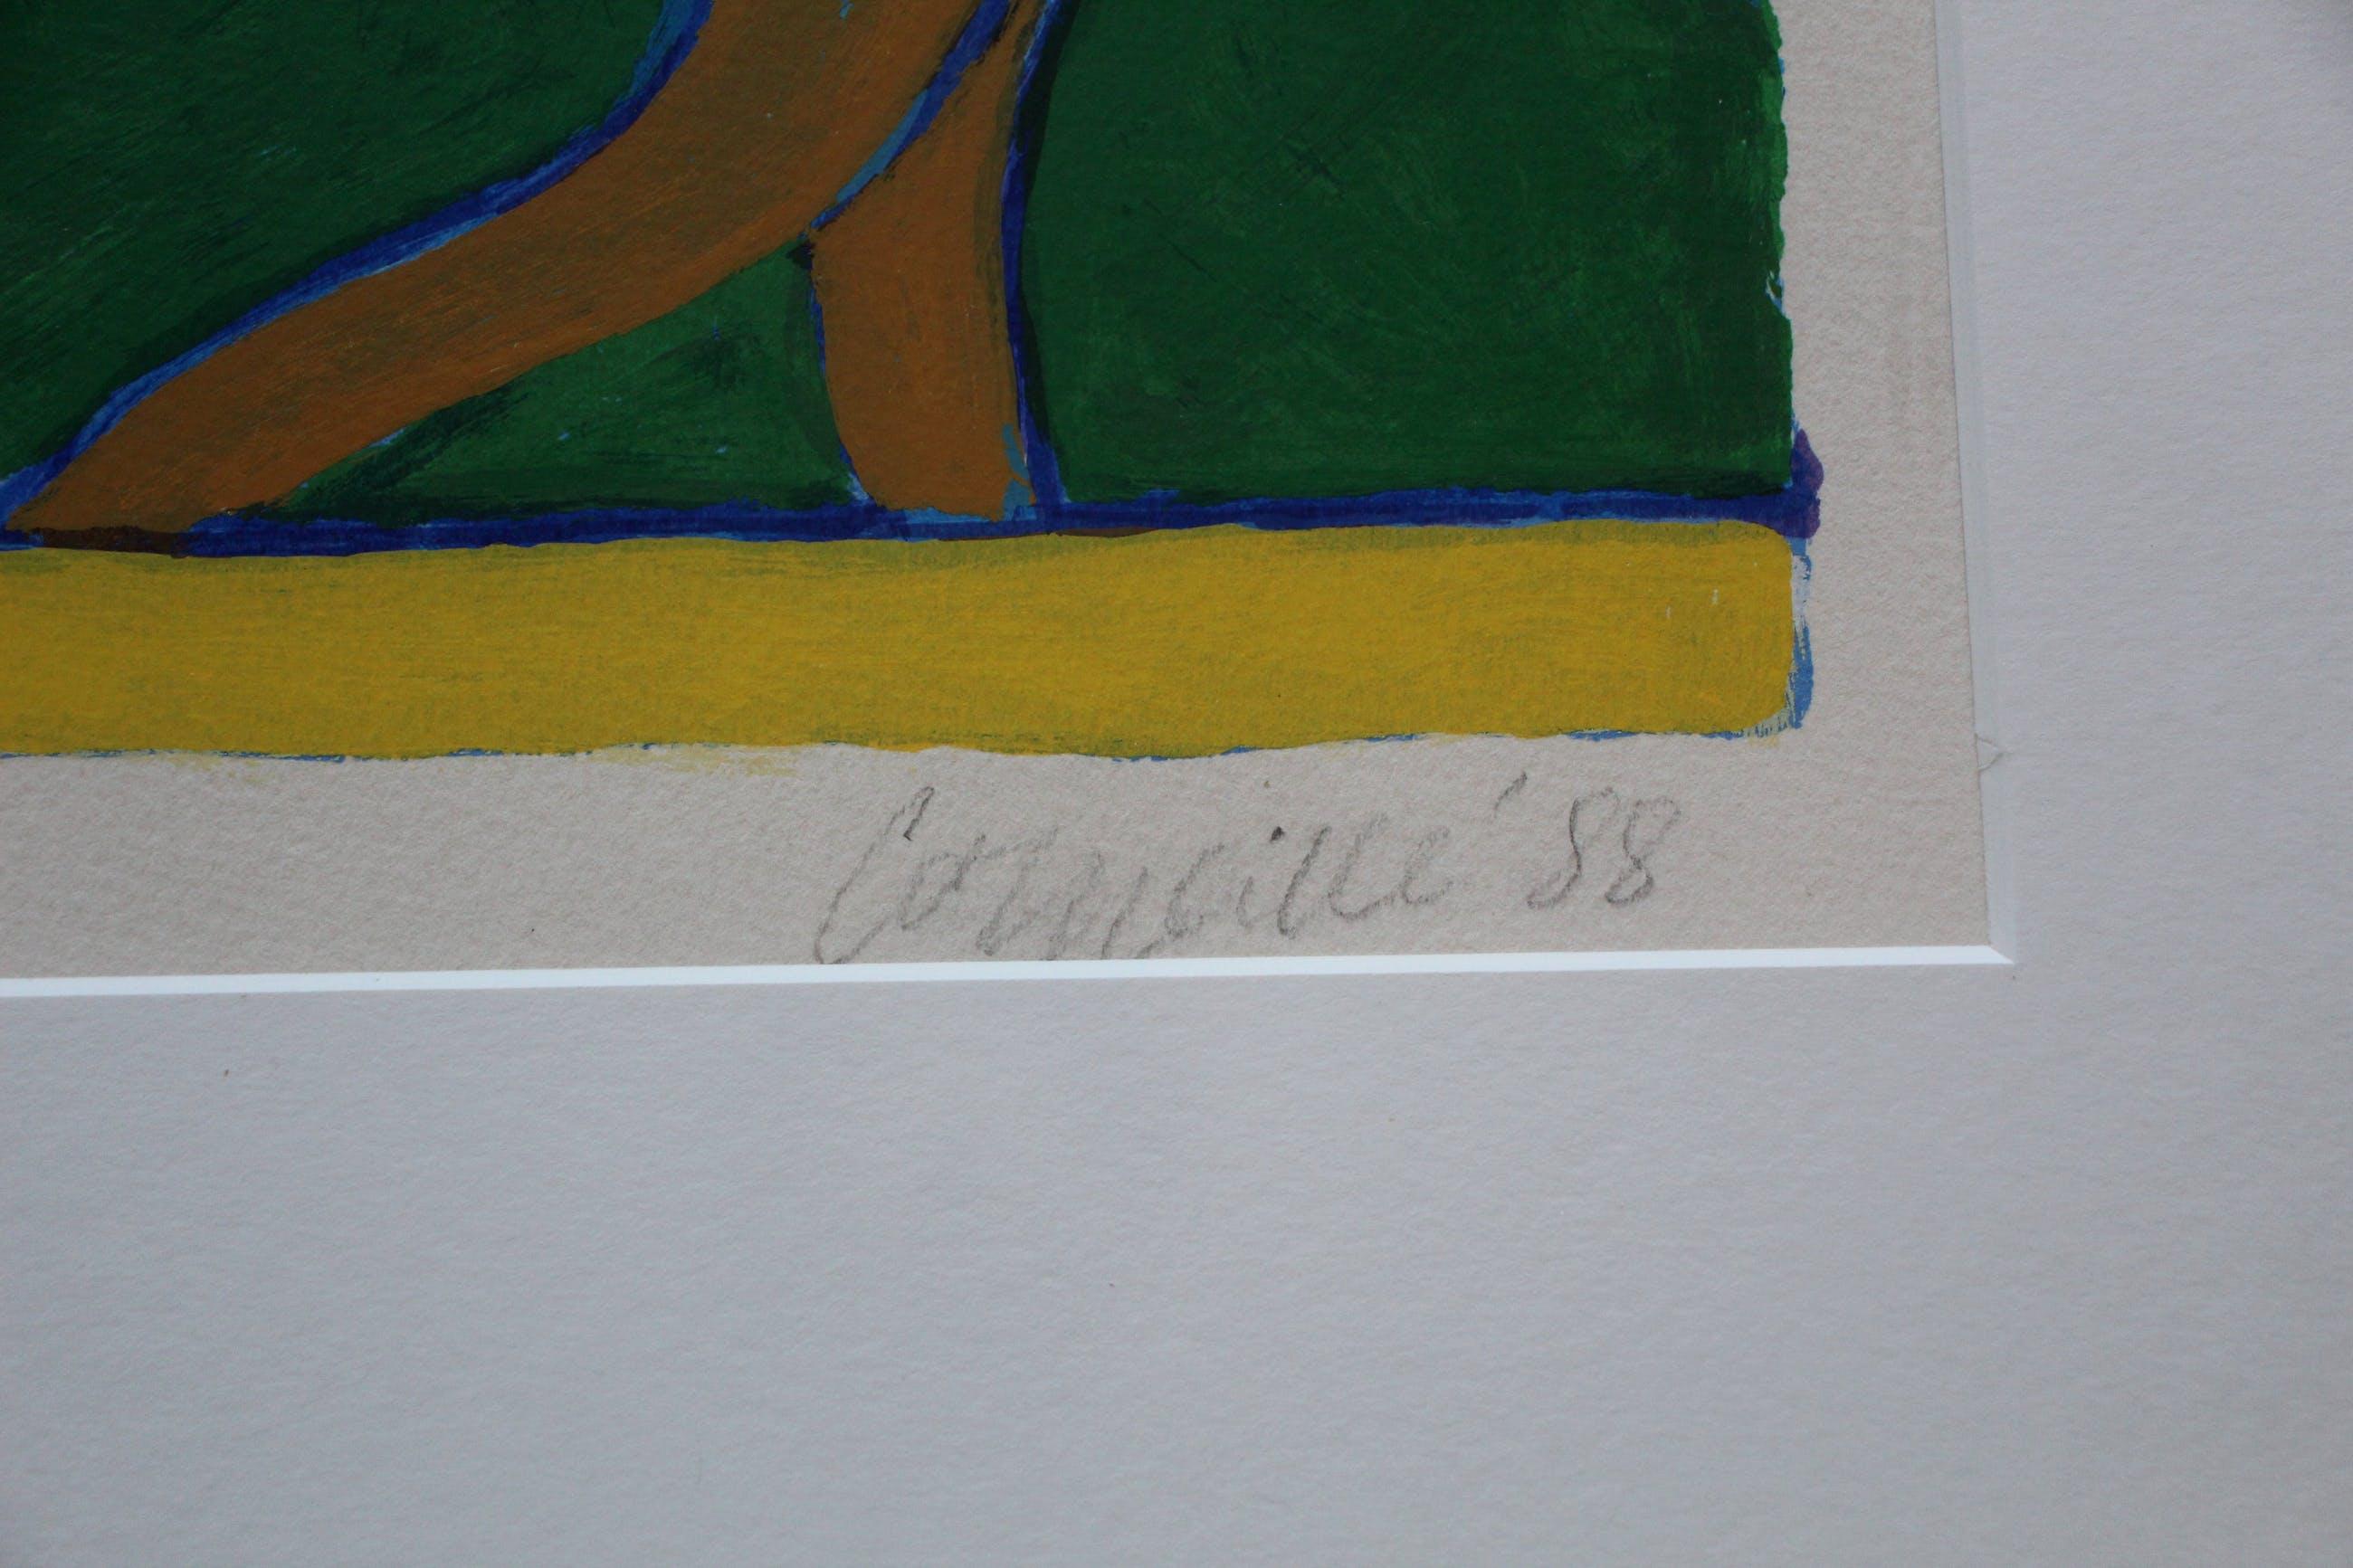 Corneille - zeefdruk: Enchantement du Printemps - 1988 (groot) kopen? Bied vanaf 795!